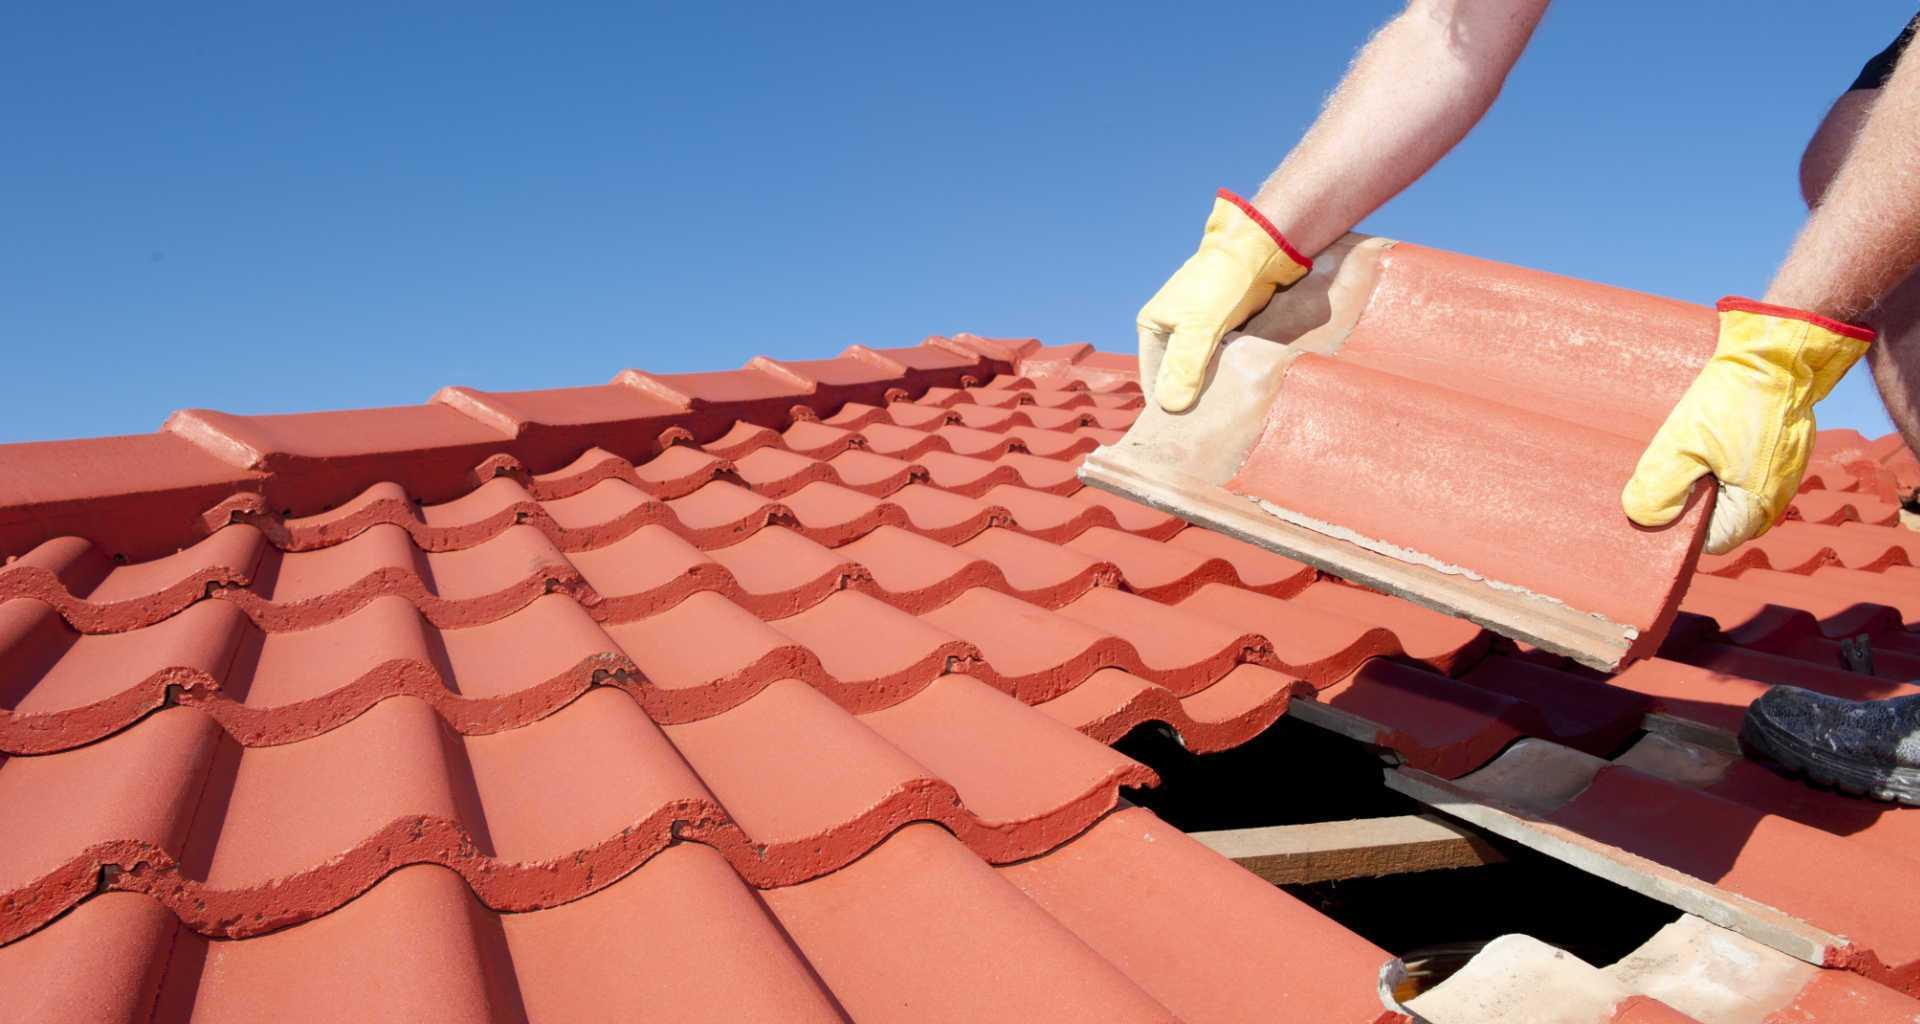 Potrebujete novo streho? Pomagali vam bomo najti pravega krovca za vašo streho